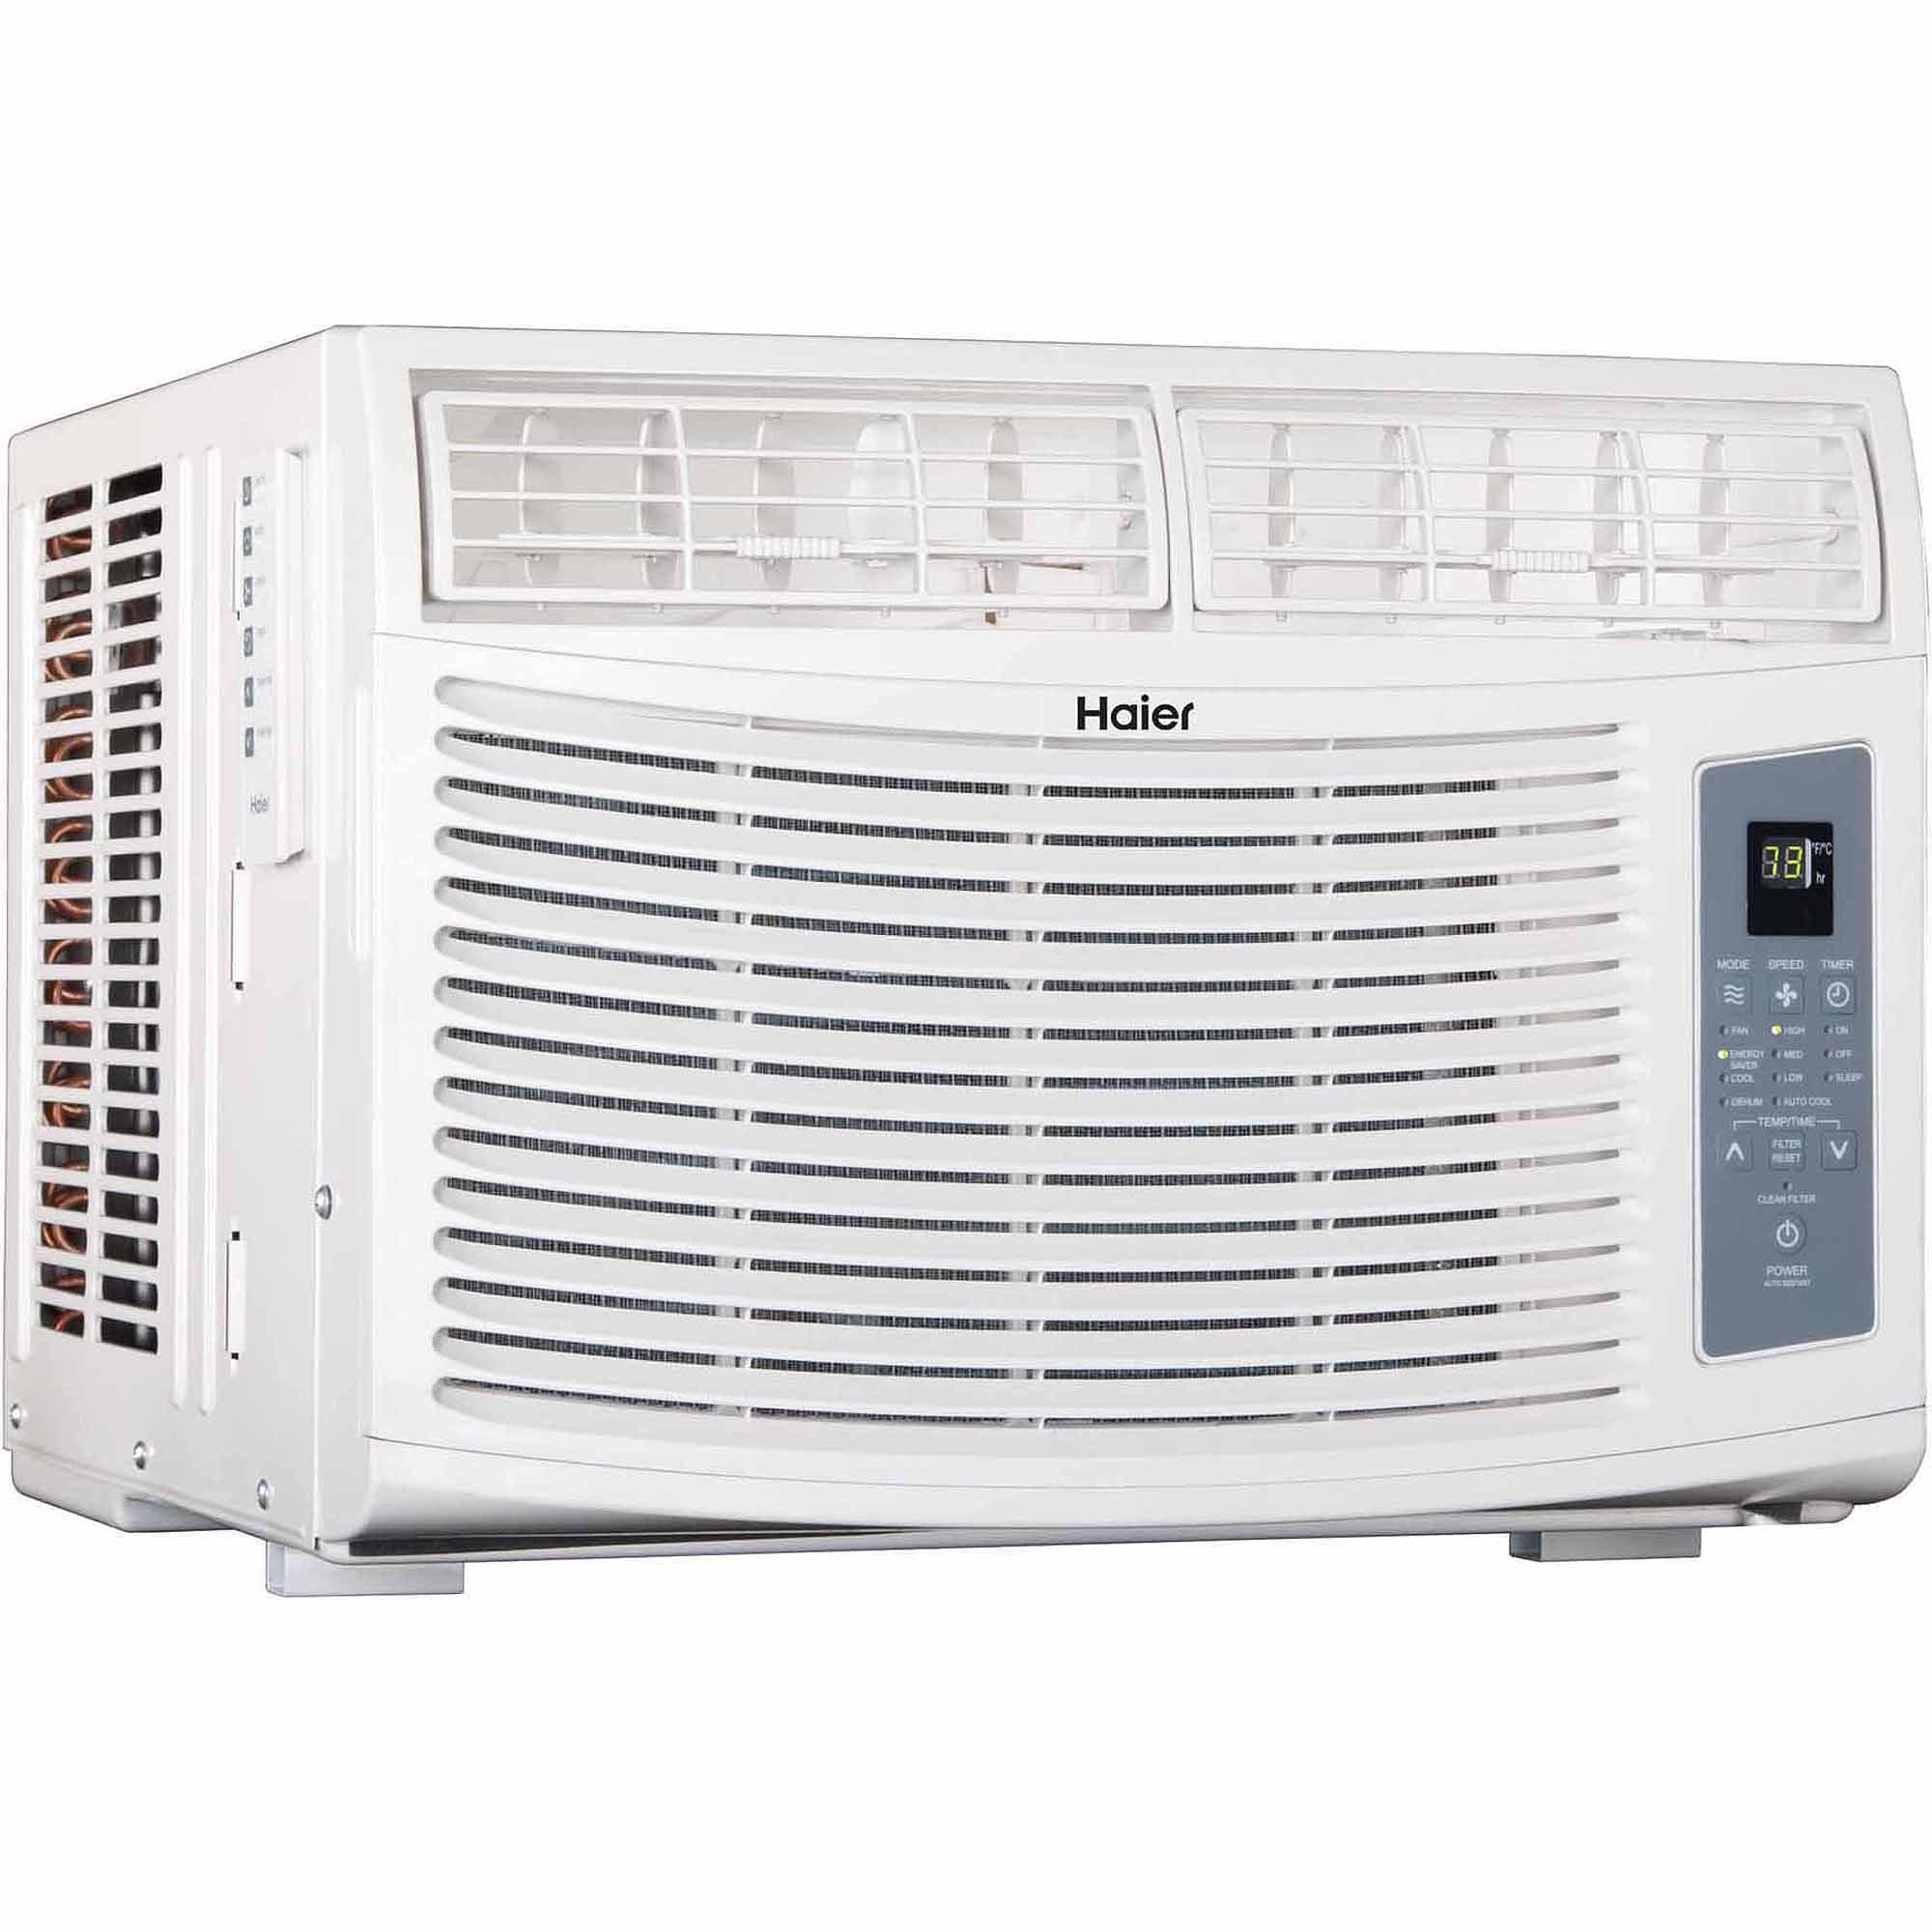 Haier ESA410N-L 10,000-BTU Air Conditioner, White - Walmart.com on